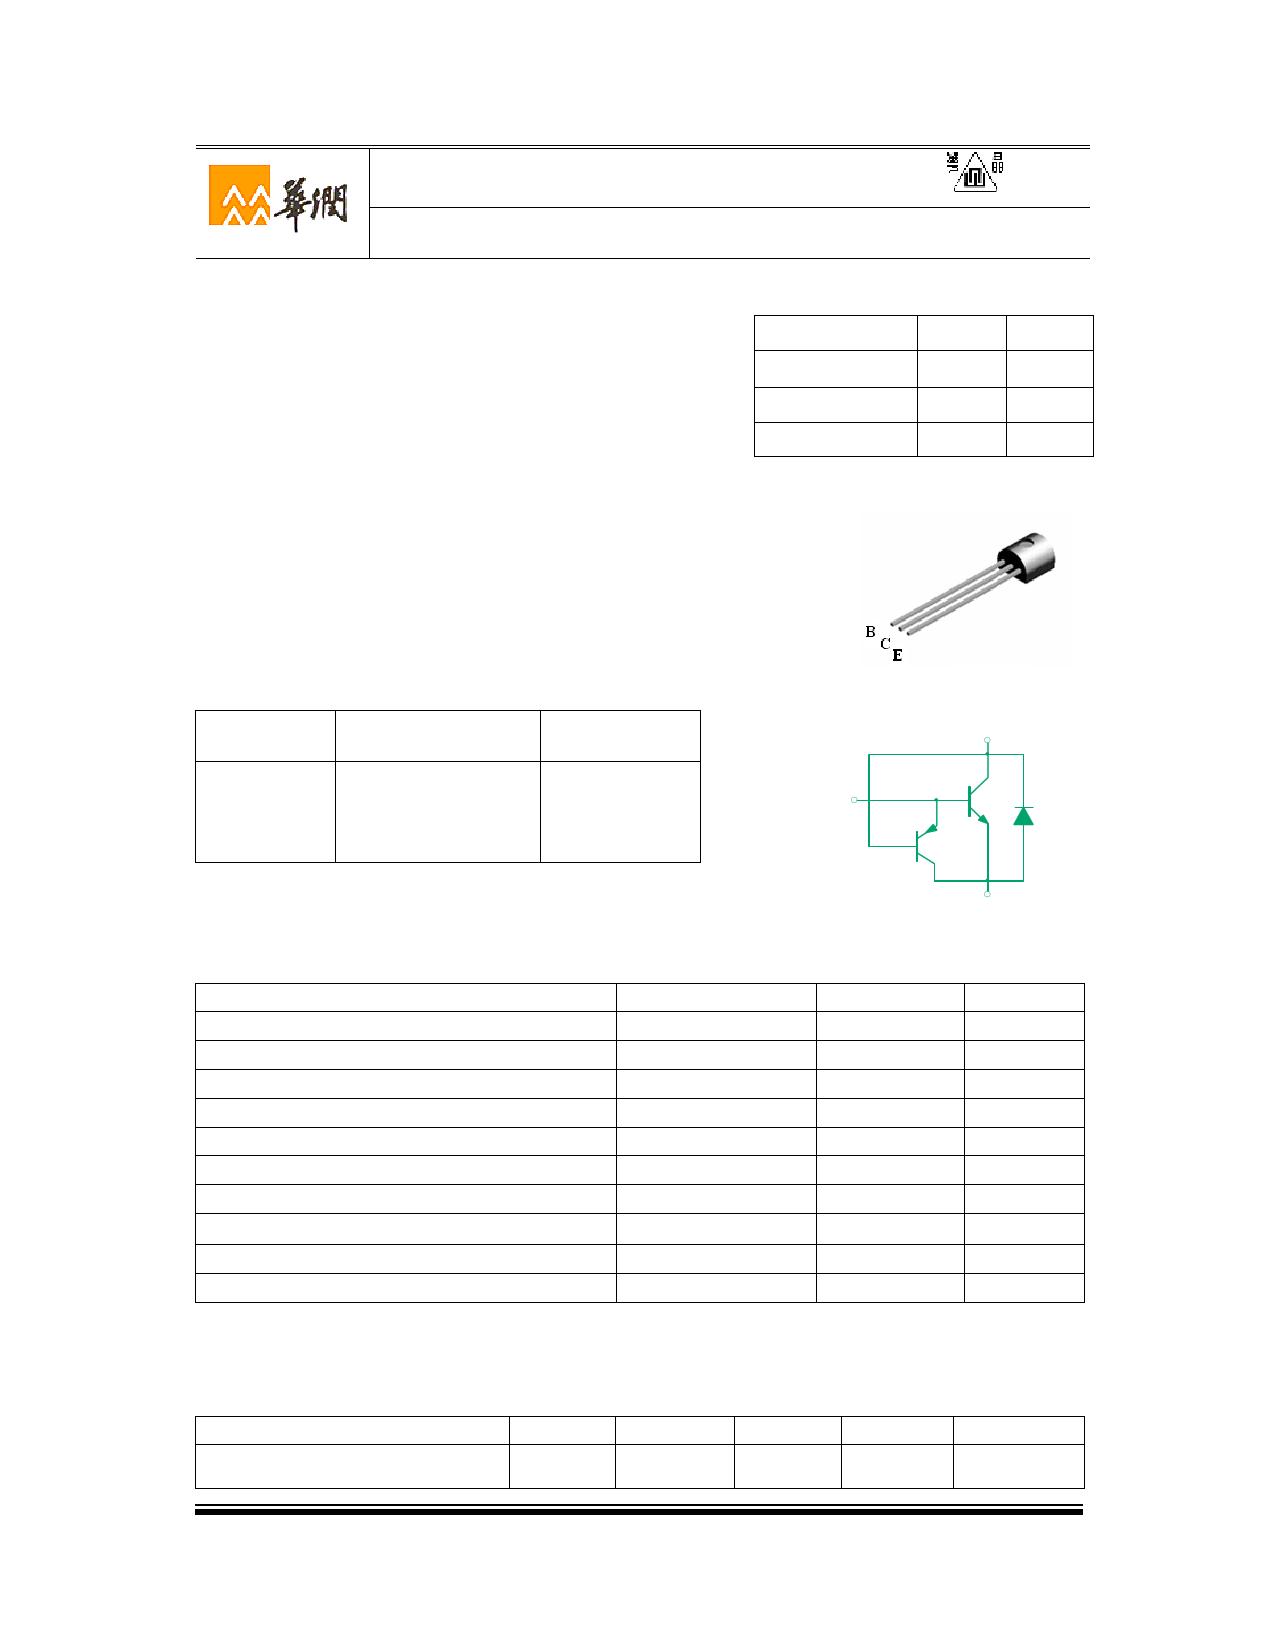 3DD4013B1D Datasheet, 3DD4013B1D PDF,ピン配置, 機能